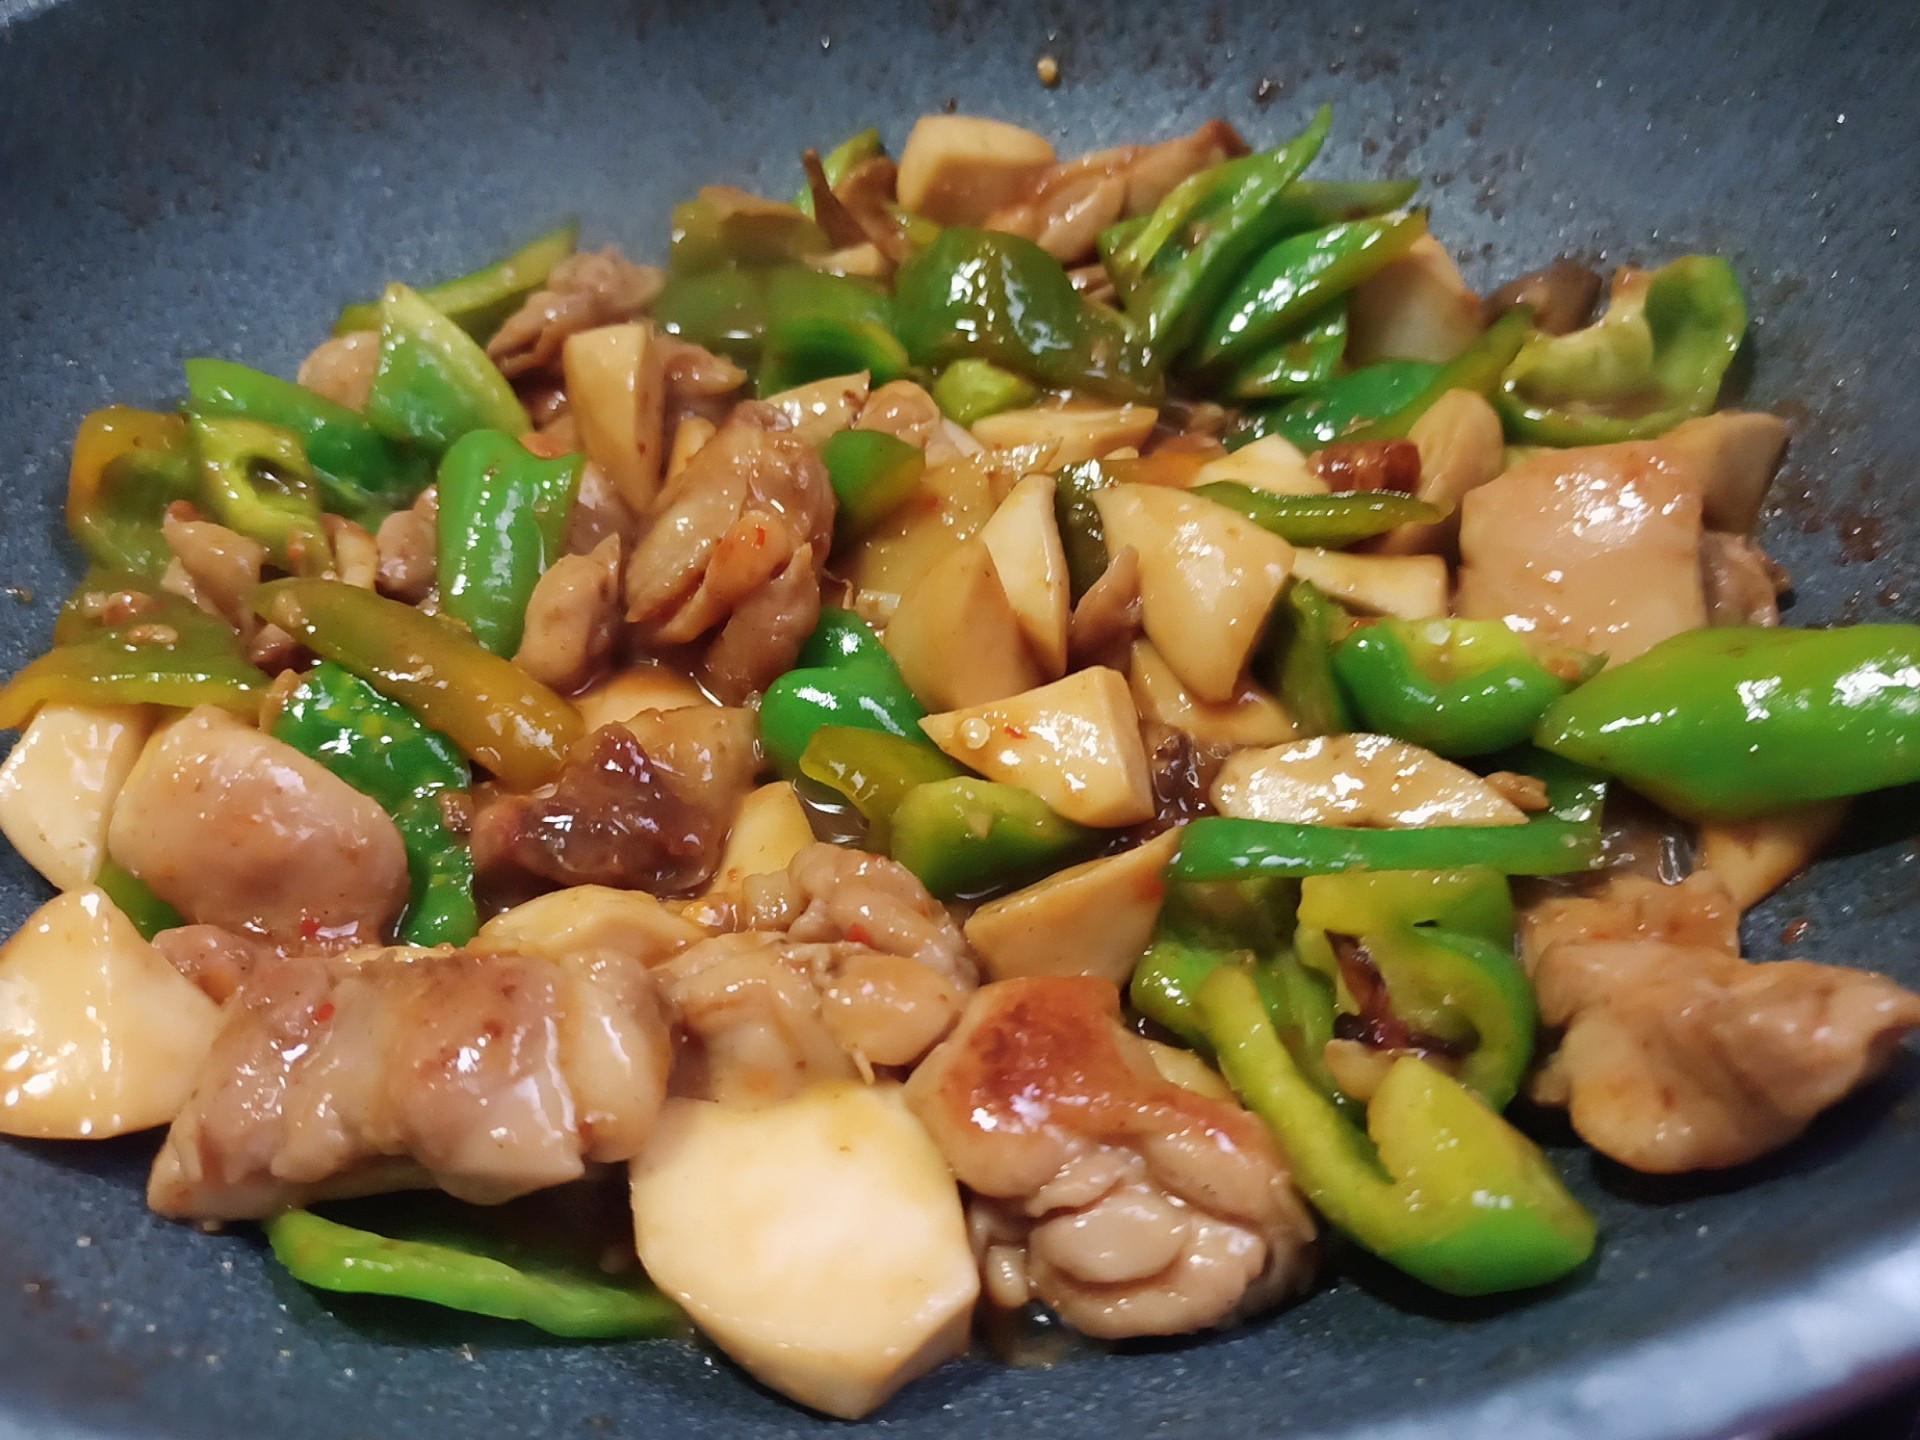 花椒燒雞球(簡單煮)杏鮑菇青椒快炒雞肉